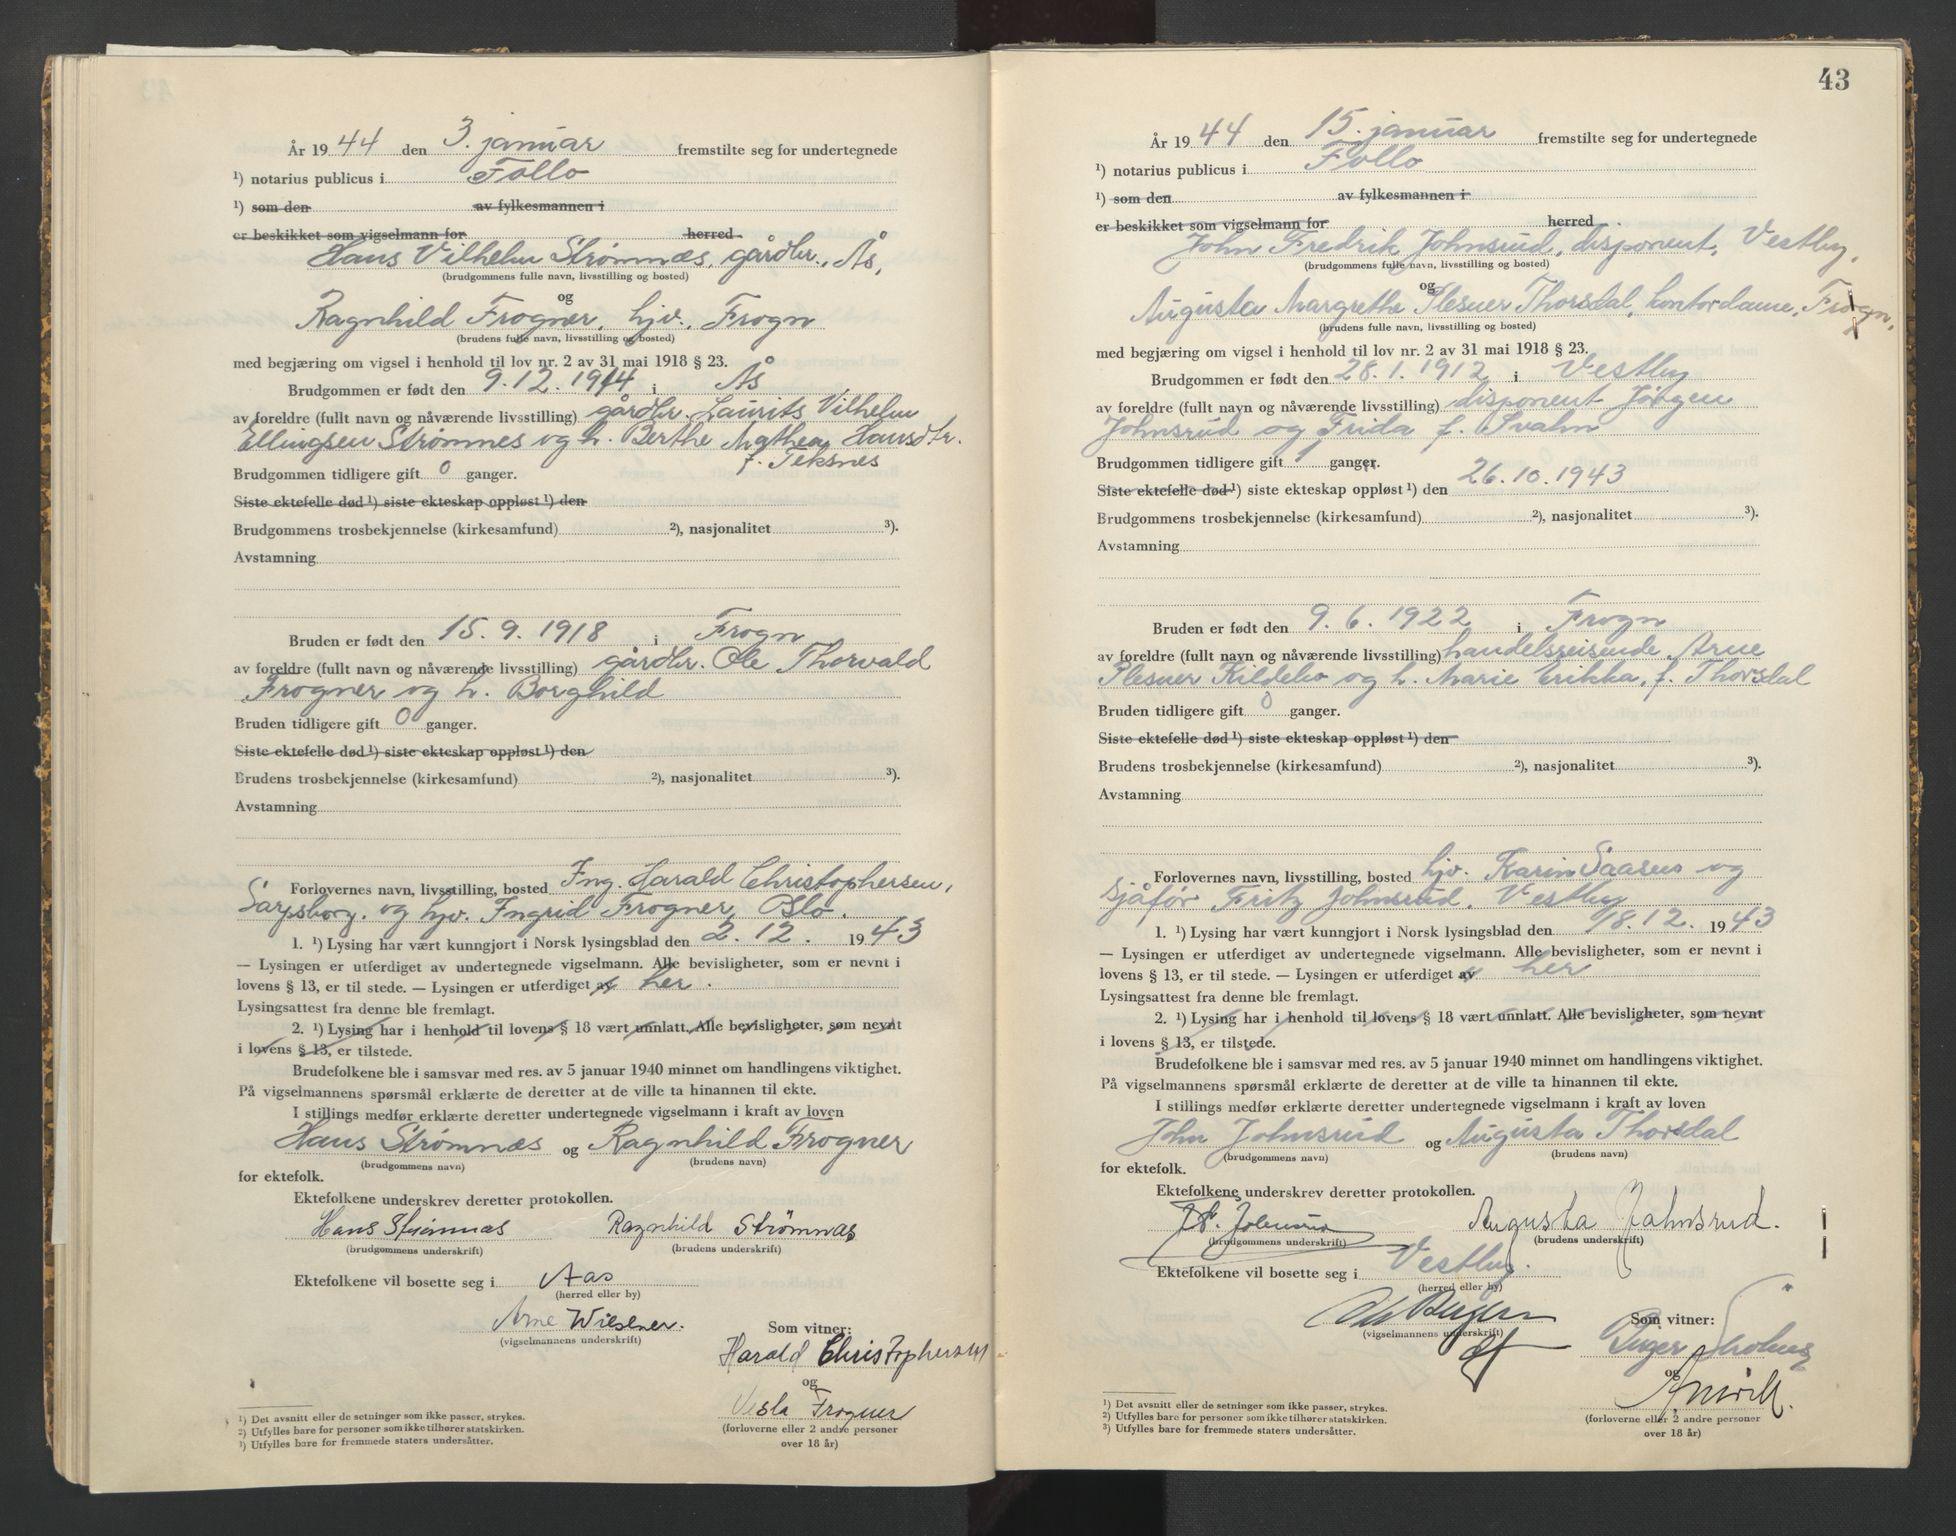 SAO, Follo sorenskriveri, L/La/Lab/L0002: Vigselsbok, 1942-1946, s. 43